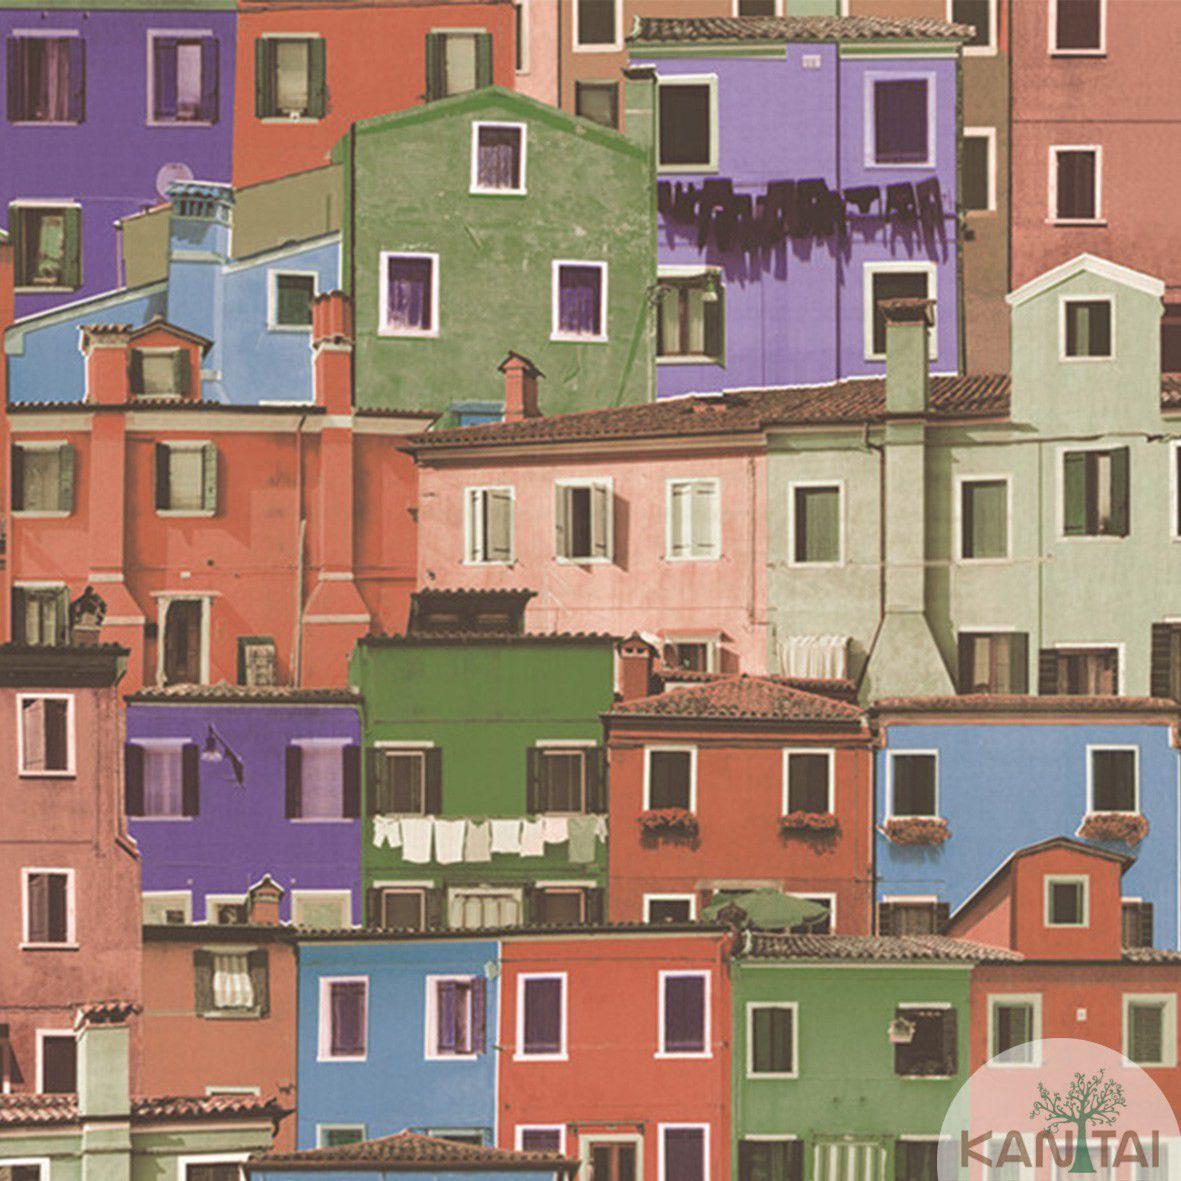 Papel de Parede  Vinilico Kan Tai Coleção Neonature III 3D Casas Vermelho, Verde, Azul